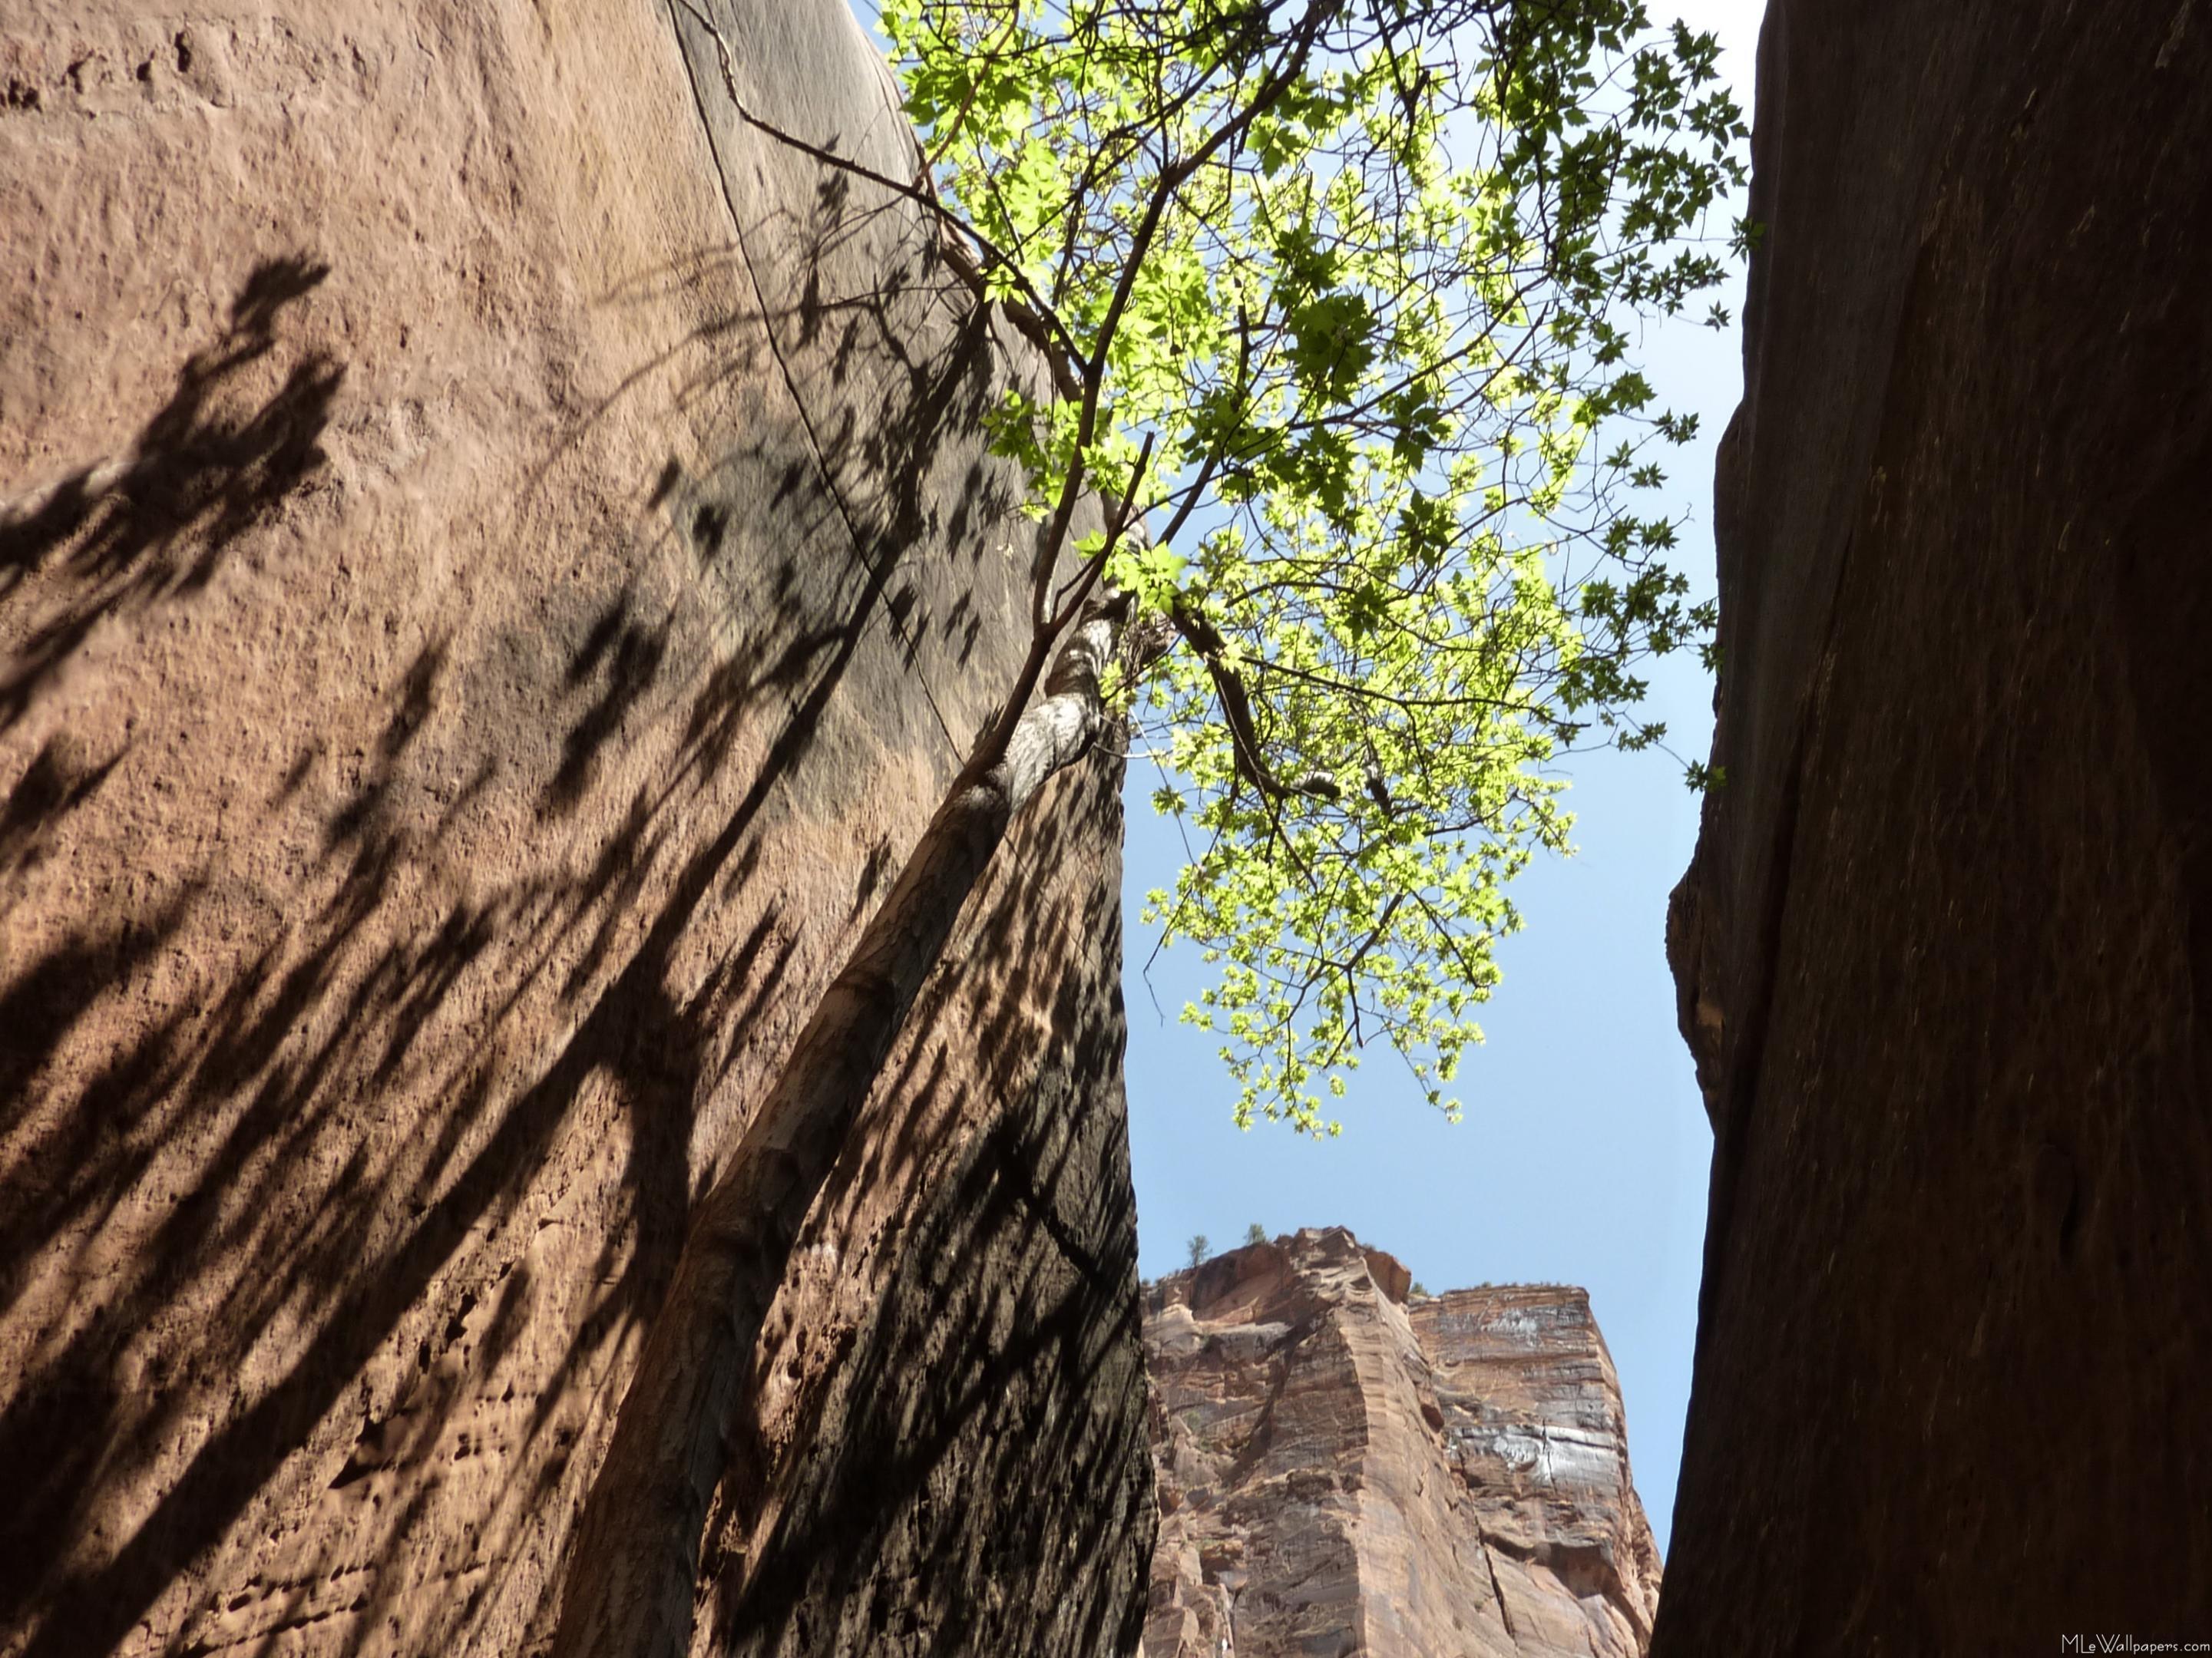 MLeWallpapers.com - Tree Growing Between Rocks